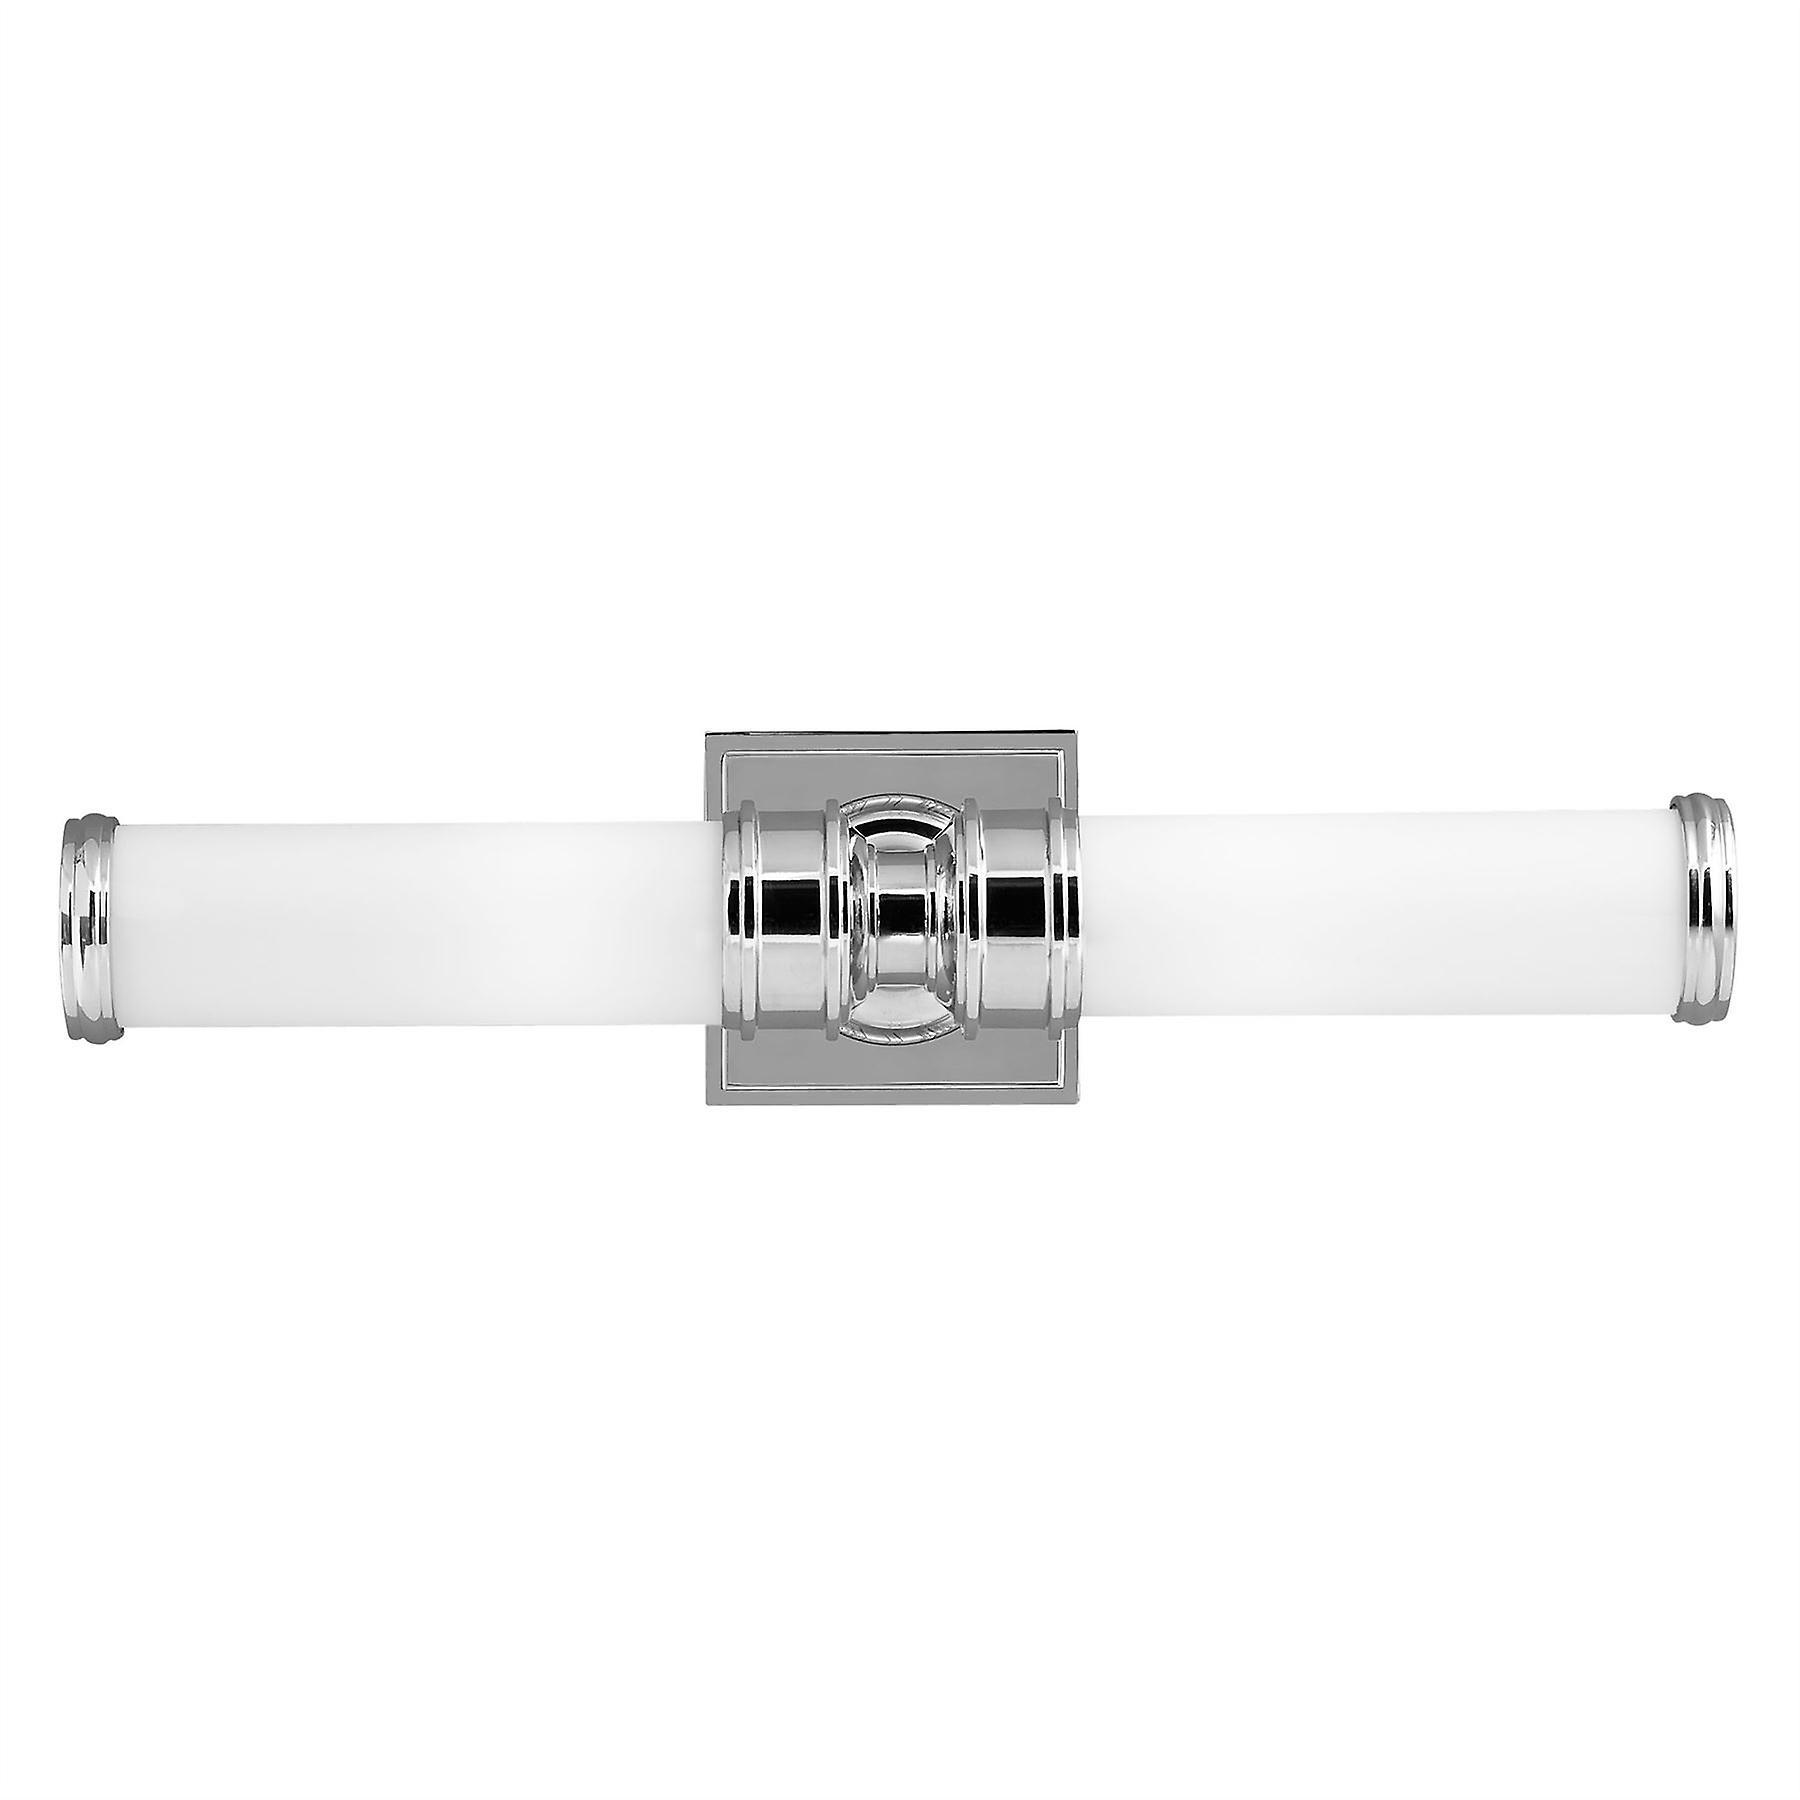 Payne Polished Chrome Two lumière Wall Fixture - Elstead lumièreing Fe   Payne2 BATH